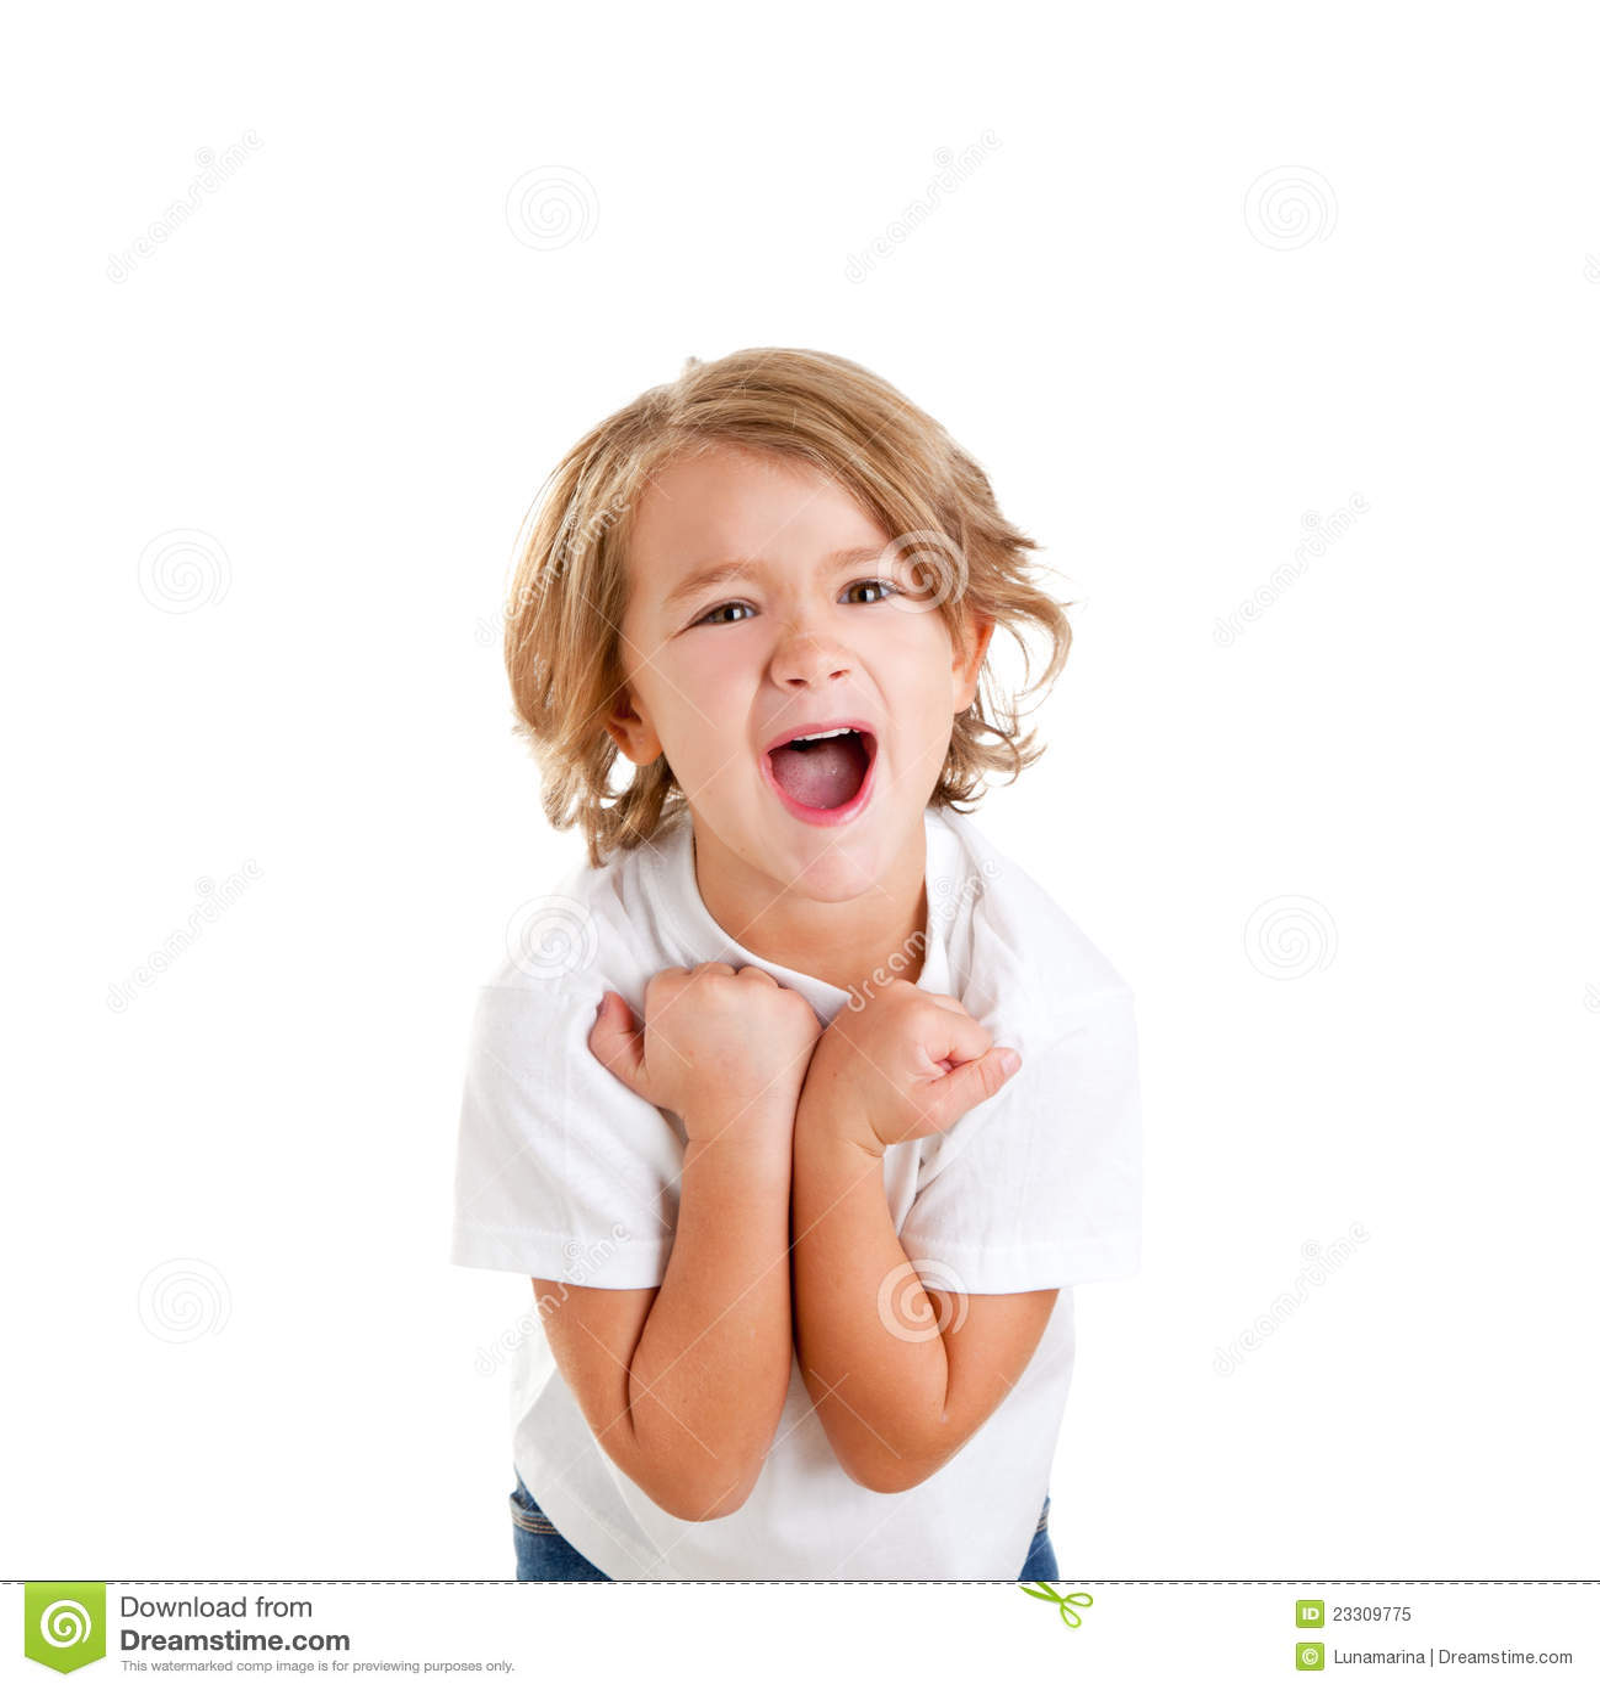 Children Excite...